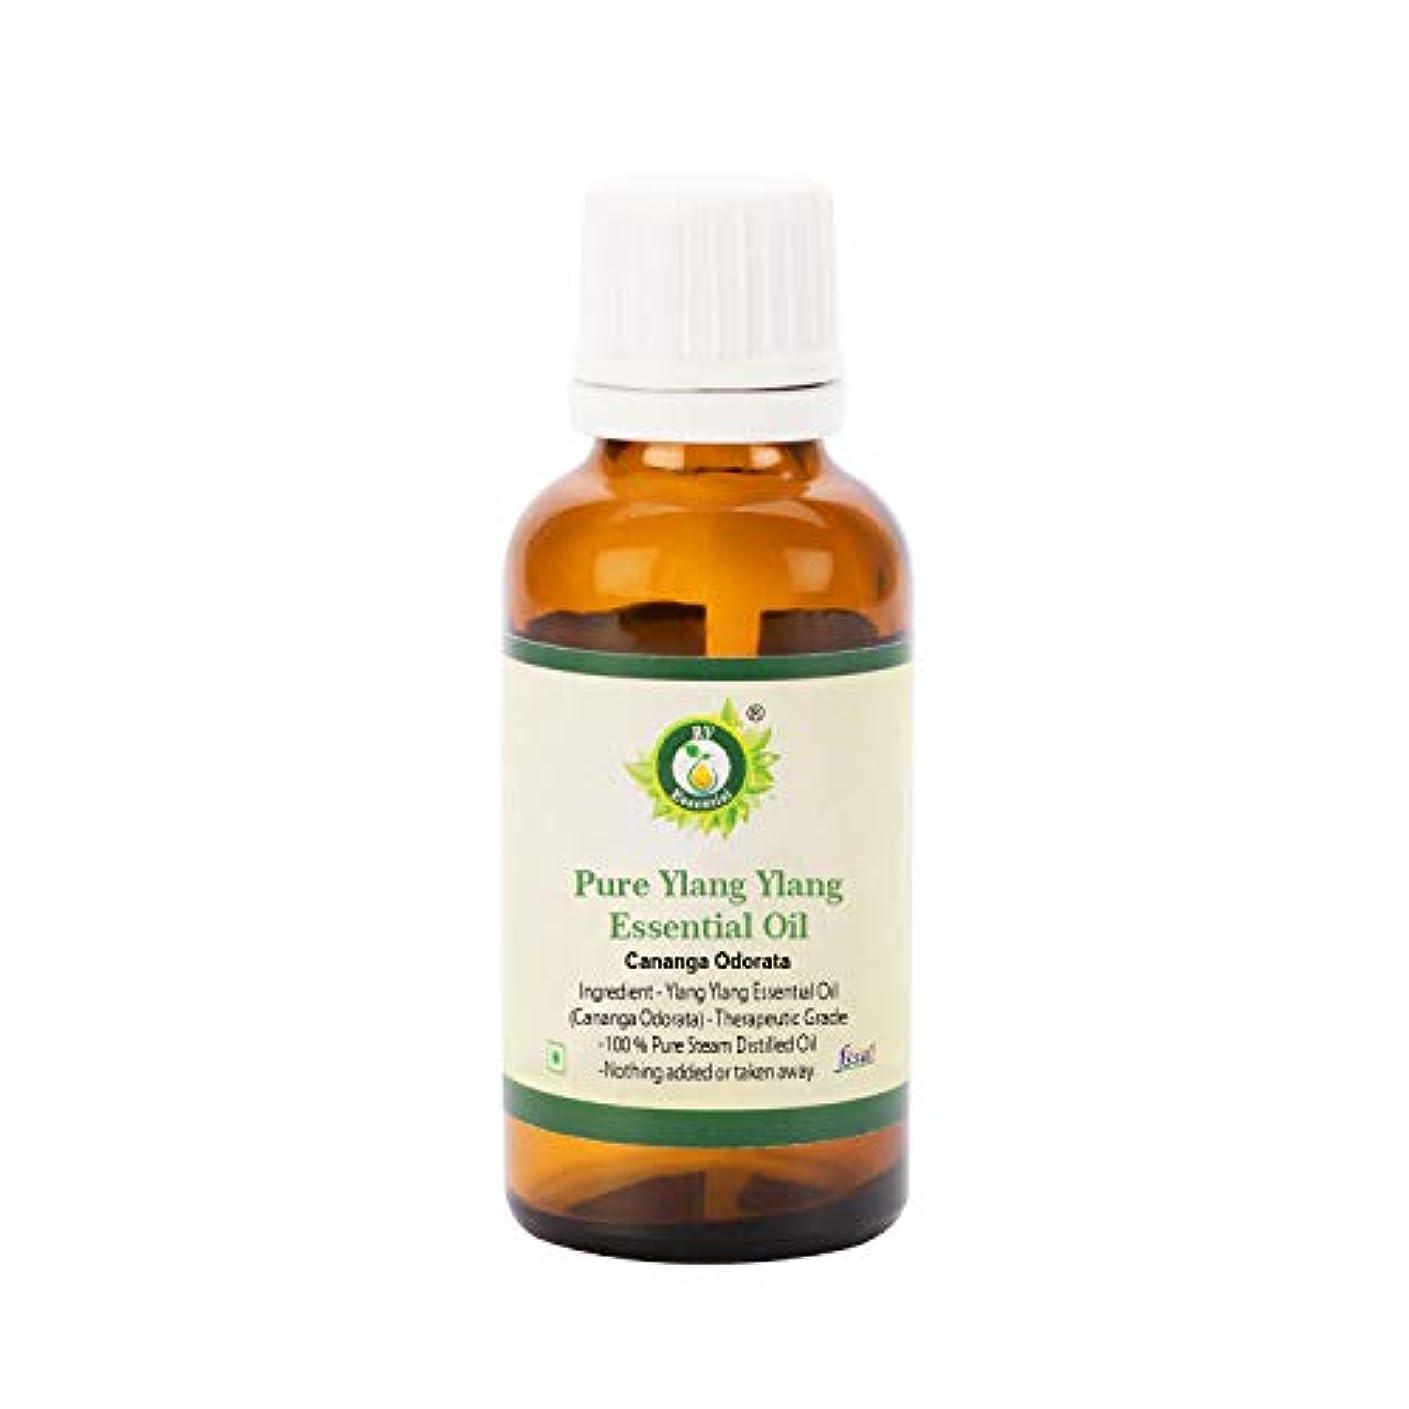 百科事典重要性遷移R V Essential ピュアイランイランエッセンシャルオイル10ml (0.338oz)- Cananga Odorata (100%純粋&天然スチームDistilled) Pure Ylang Ylang Essential...